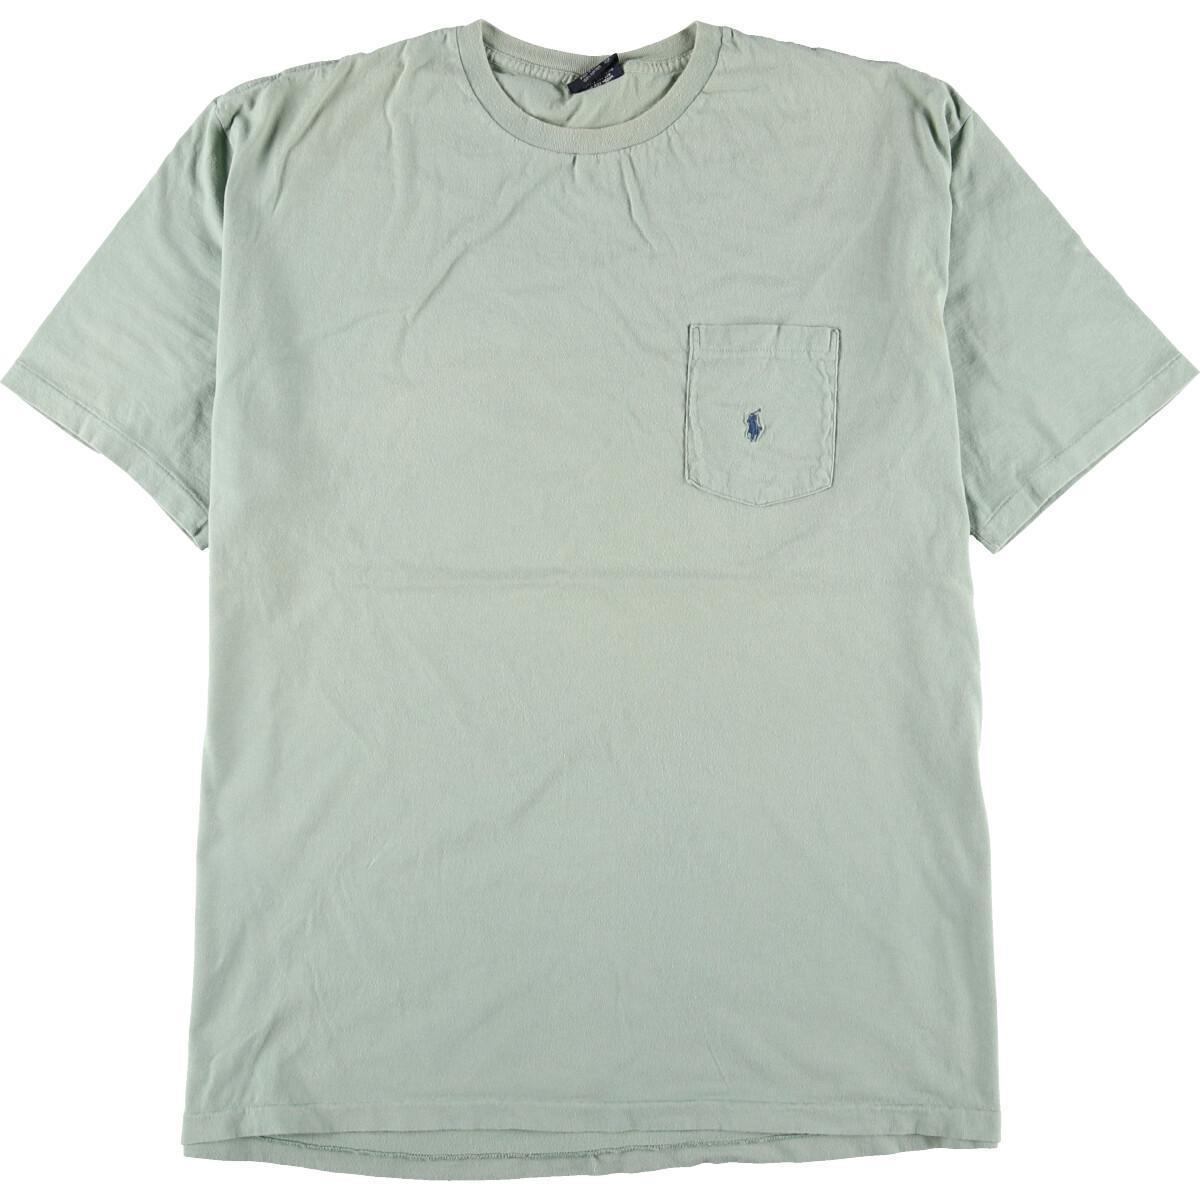 90年代 ラルフローレン POLO by Ralph Lauren 半袖 ワンポイントロゴポケットTシャツ USA製 メンズXL ヴィンテージ /eaa168347_画像1